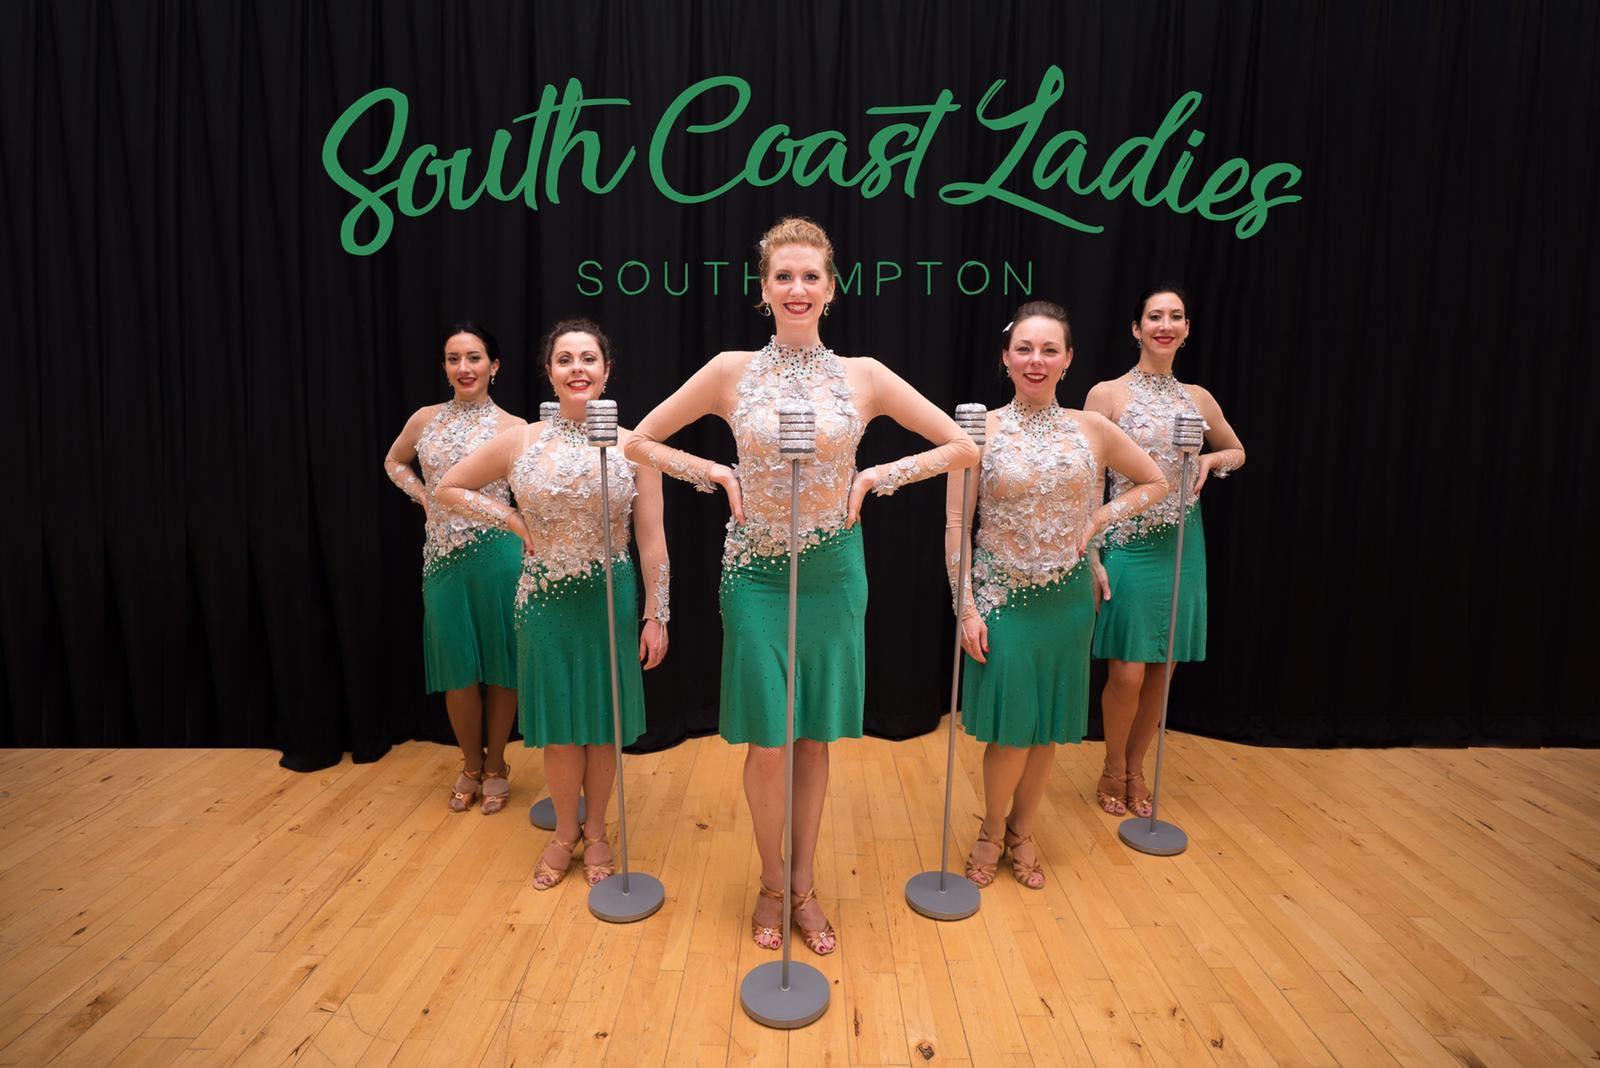 SouthCoastLadies